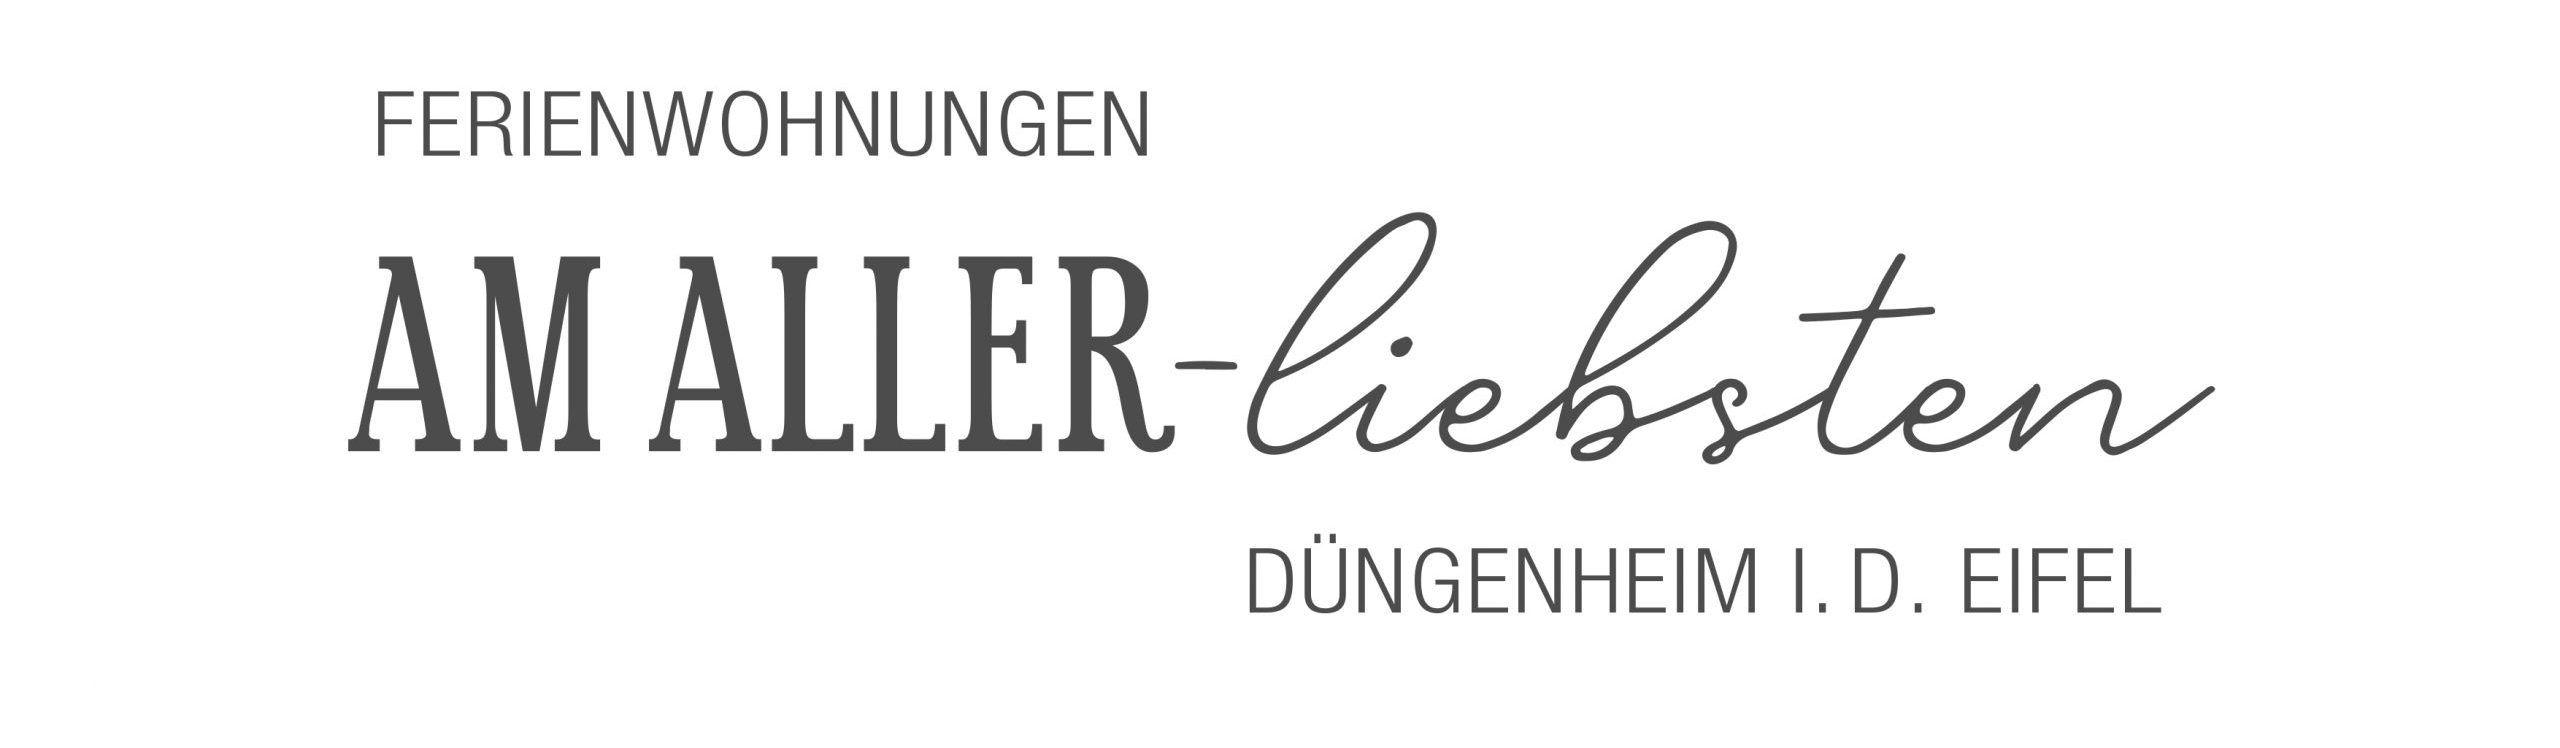 Am Aller-liebsten - Ferienwohungen in Düngenheim in der Eifel